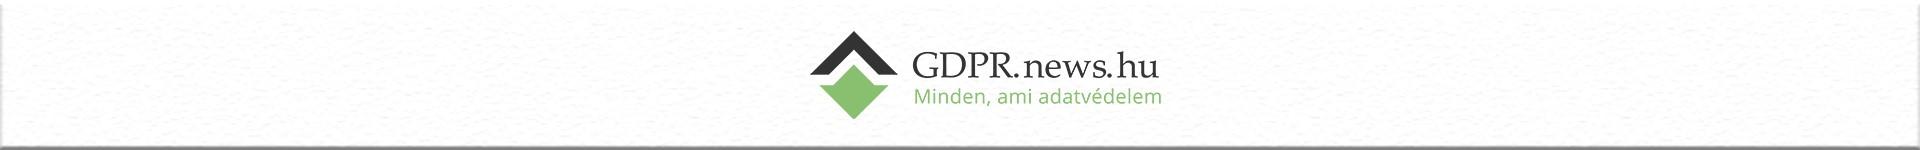 gdpr.news.hu